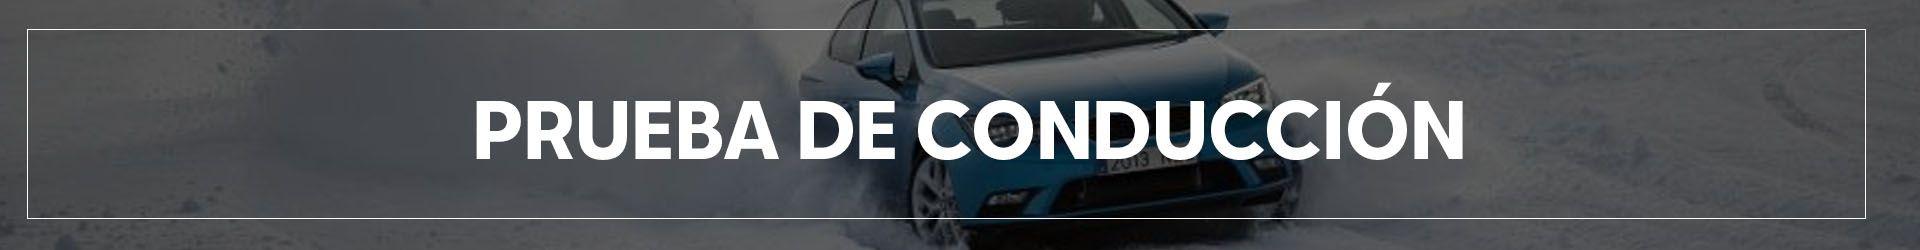 PRUEBA DE CONDUCCION | Automocion Terry Concesionario Cadiz